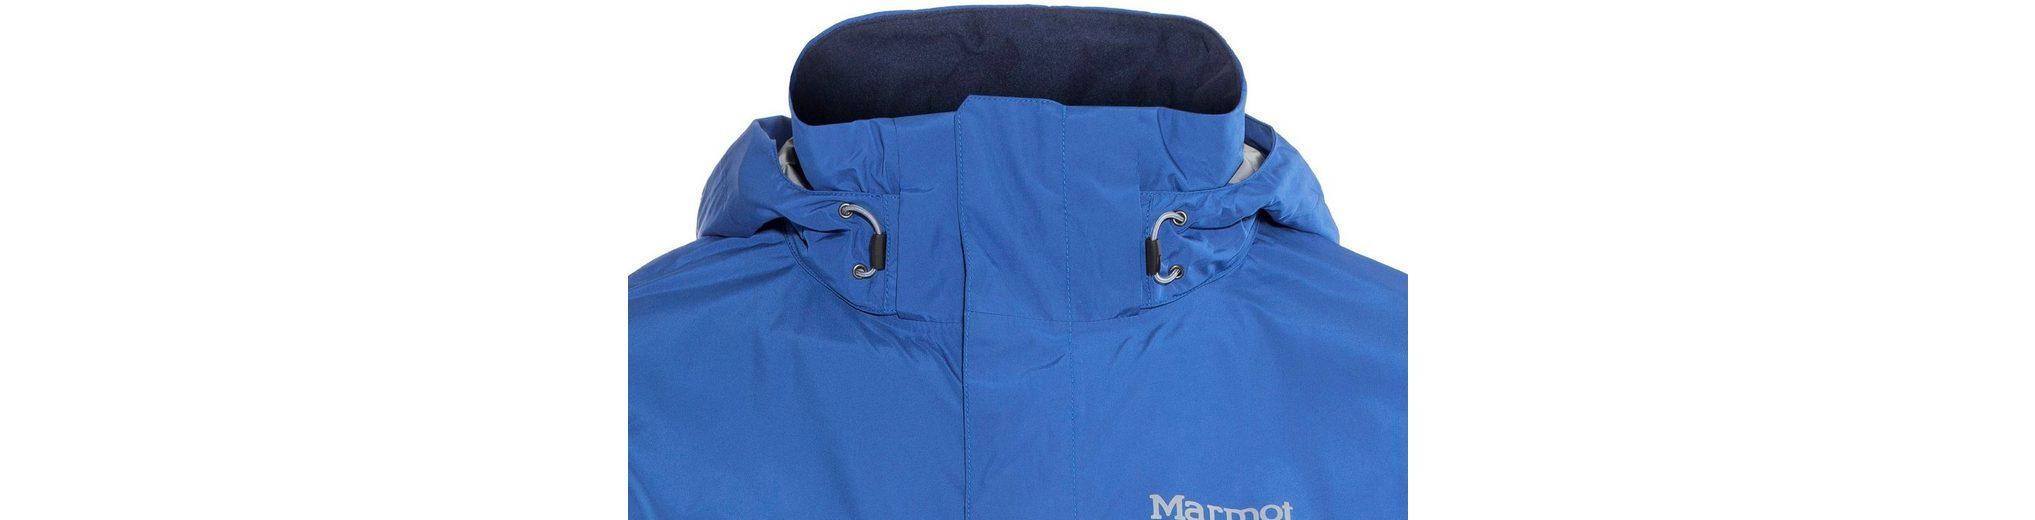 Marmot Outdoorjacke Alpenstock Jacket Men Ausgezeichnet Zum Verkauf Wahl Günstiger Preis Steckdose Niedrigsten Preis RGxk861kG